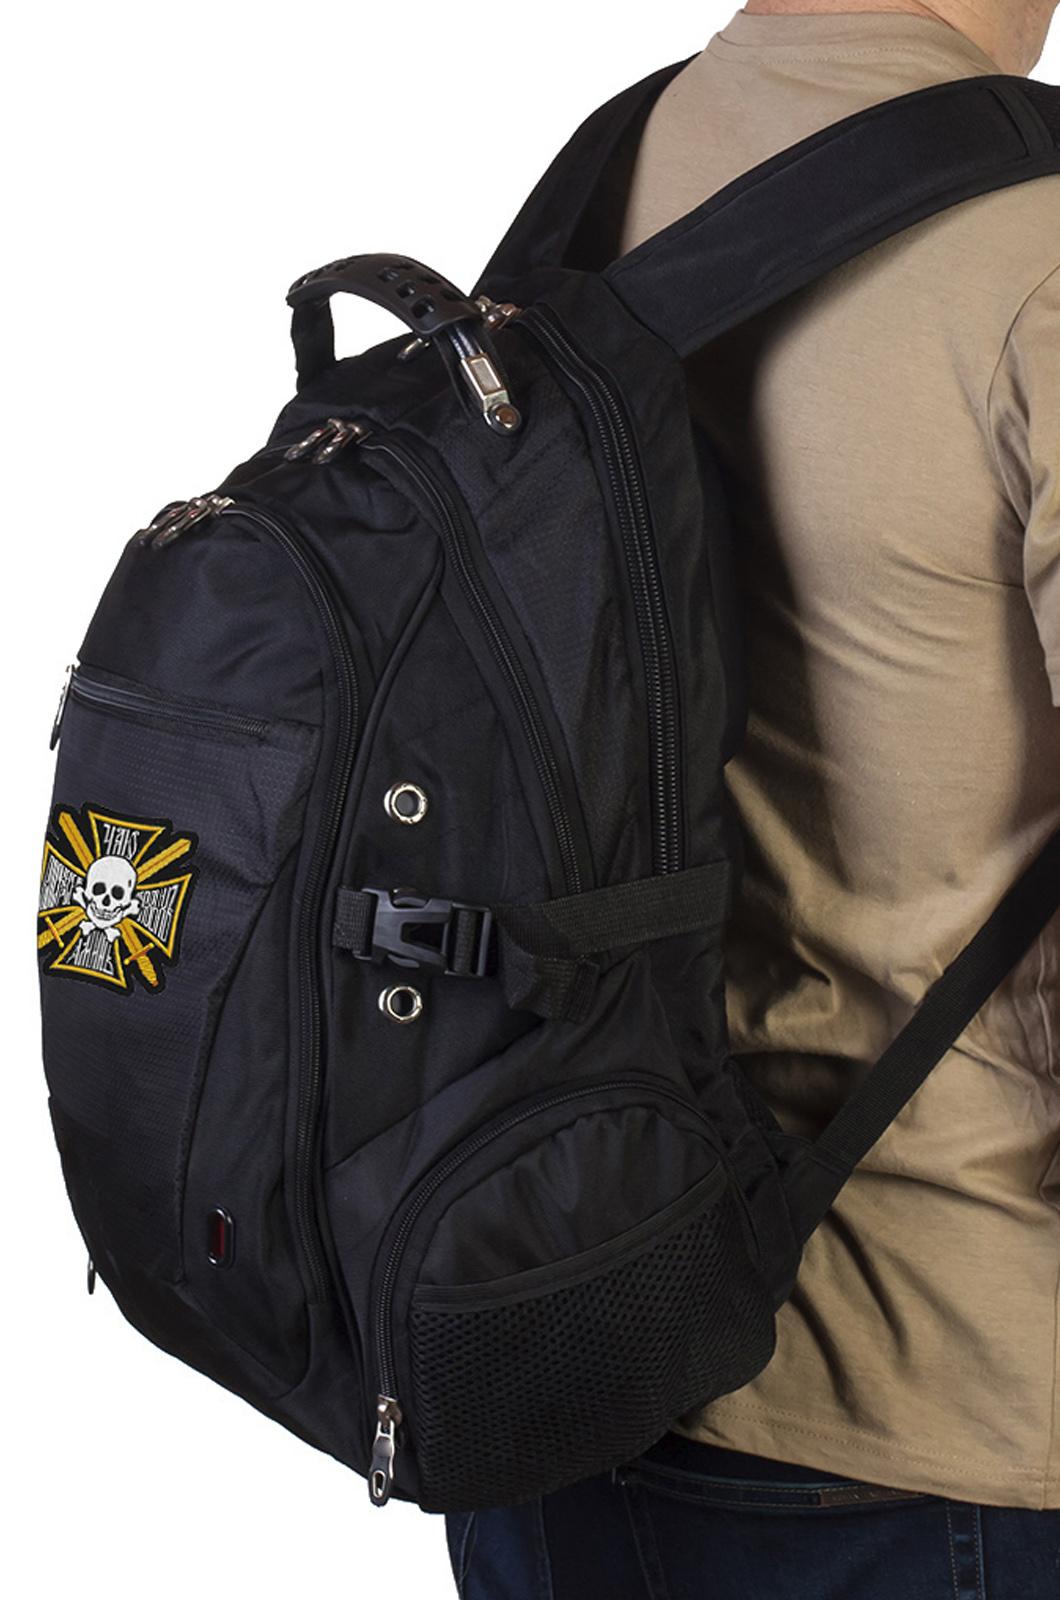 Удобный городской рюкзак с шевроном Генерала Бакланова купить в подарок